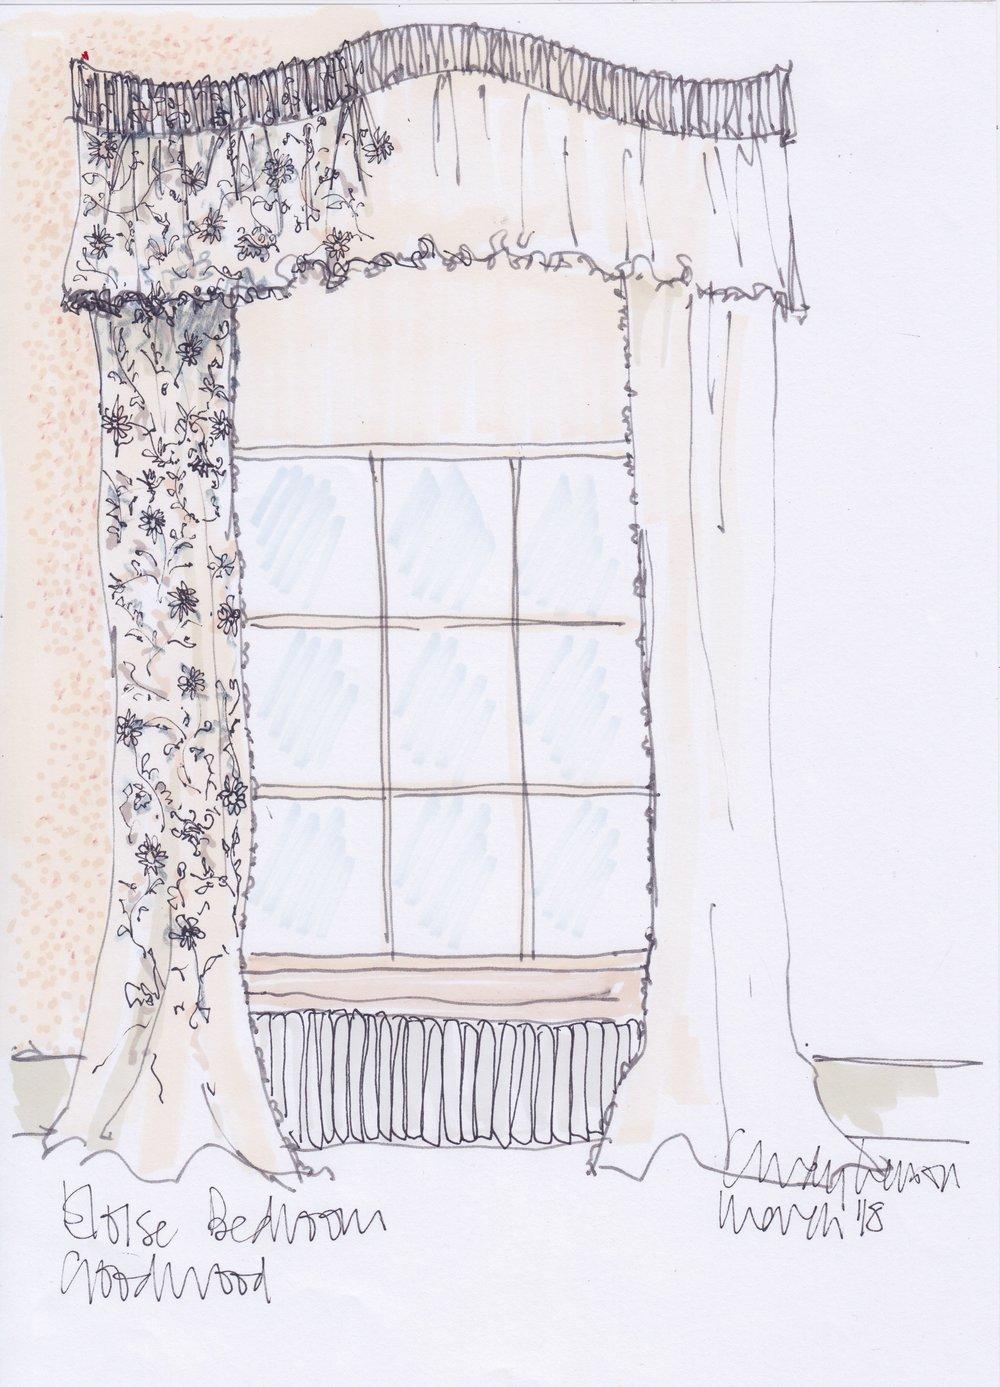 Eloise scheme 2 bedroom curts jpeg.jpeg